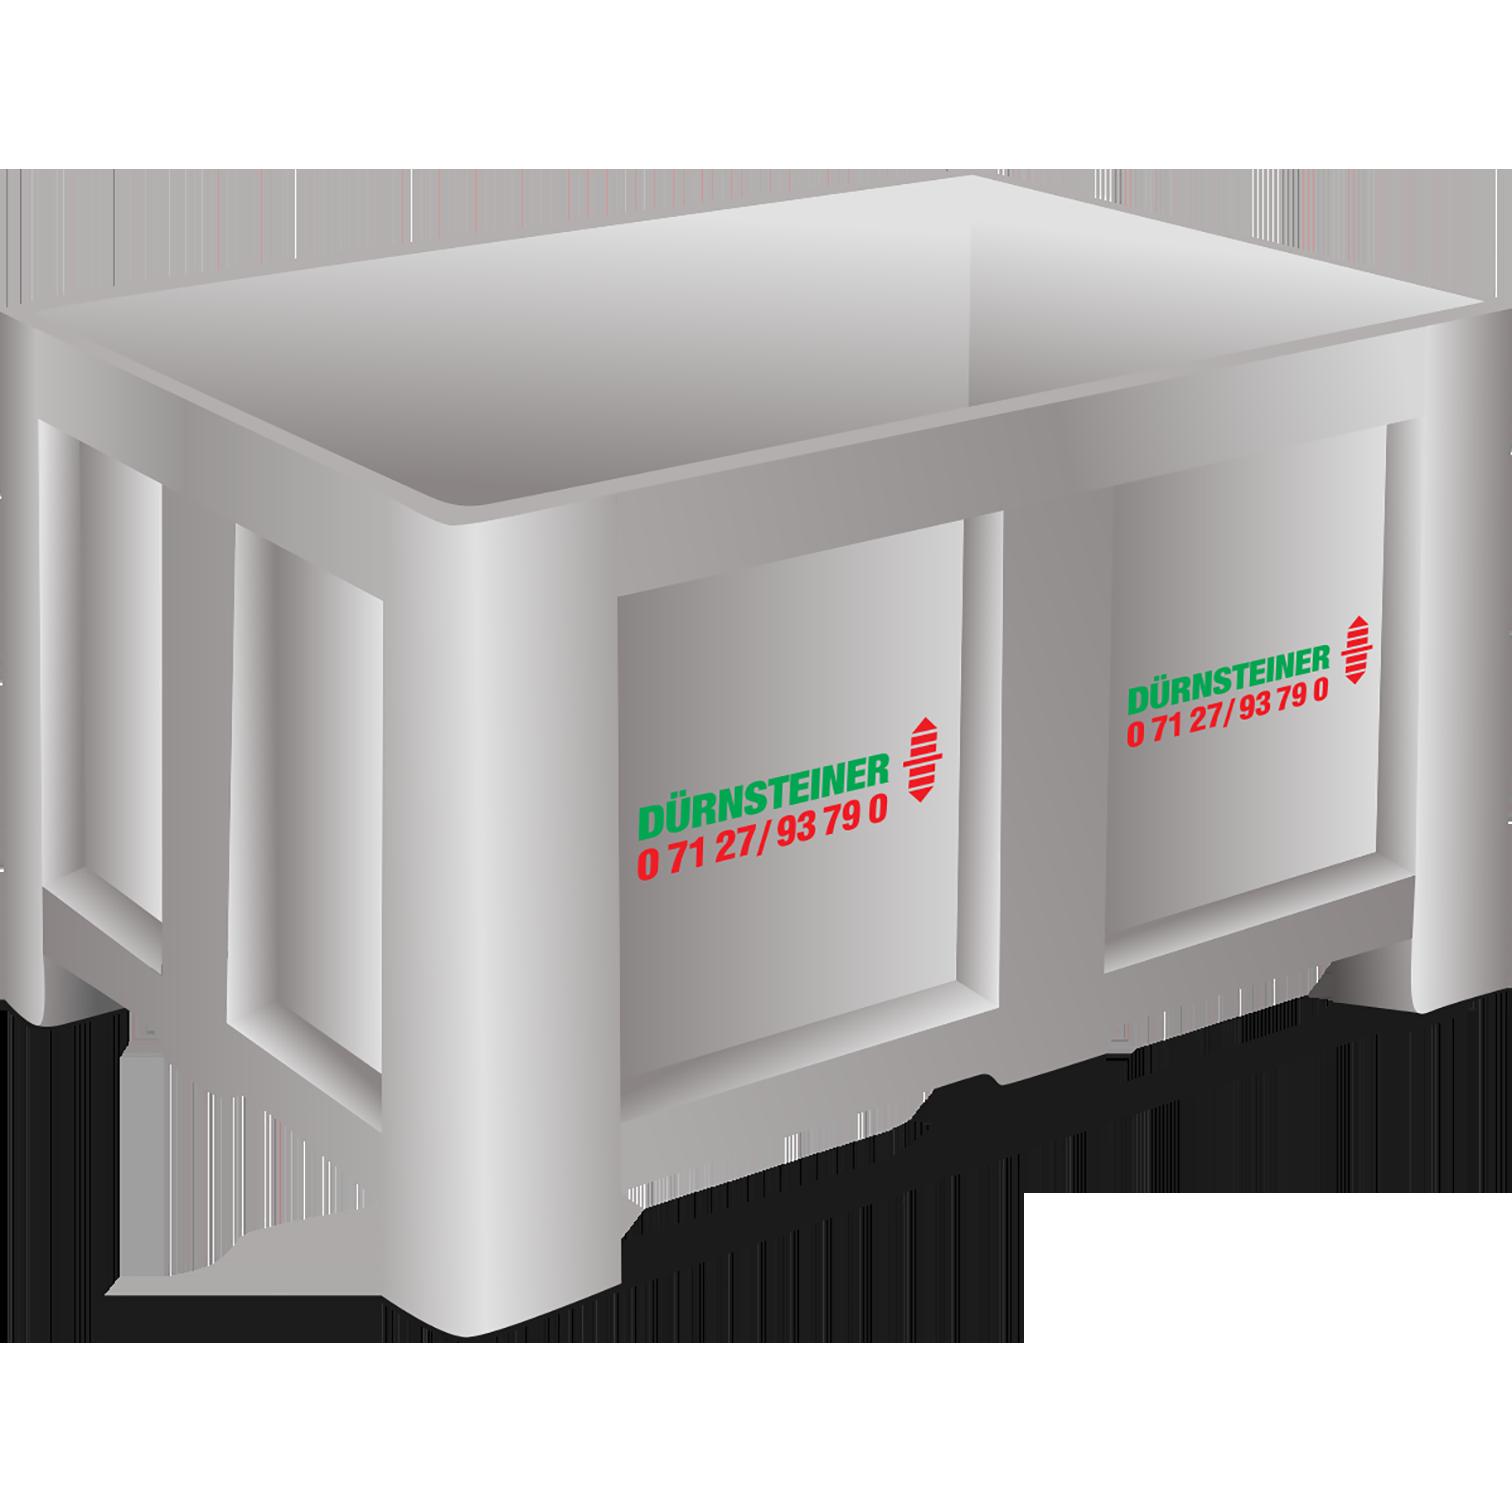 16_kunststoffbox-duernsteiner